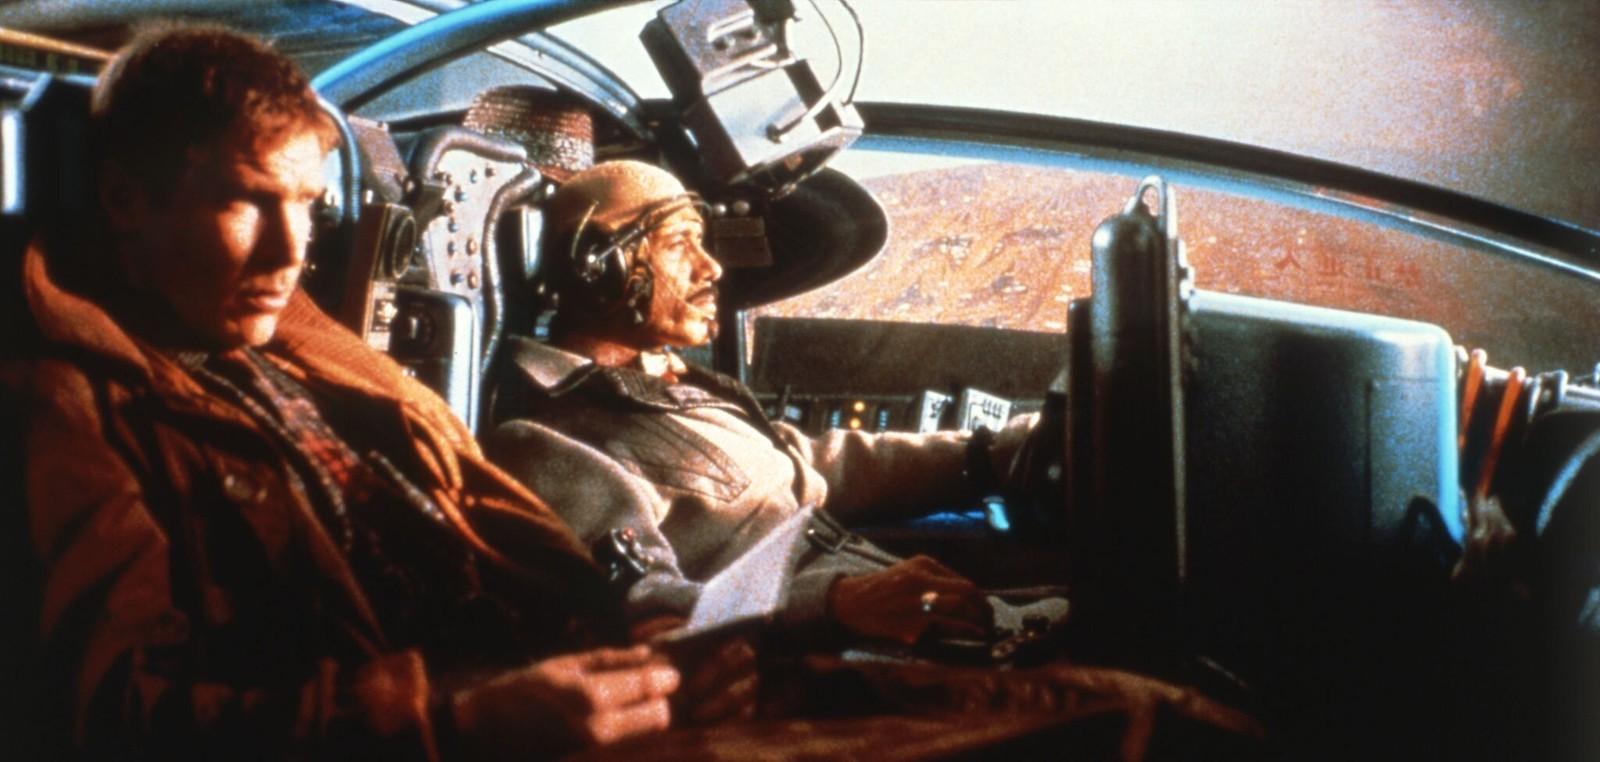 02. Харрисон Форд и Эдвард Джеймс Олмос на съемках фильма «Бегущий по лезвию»